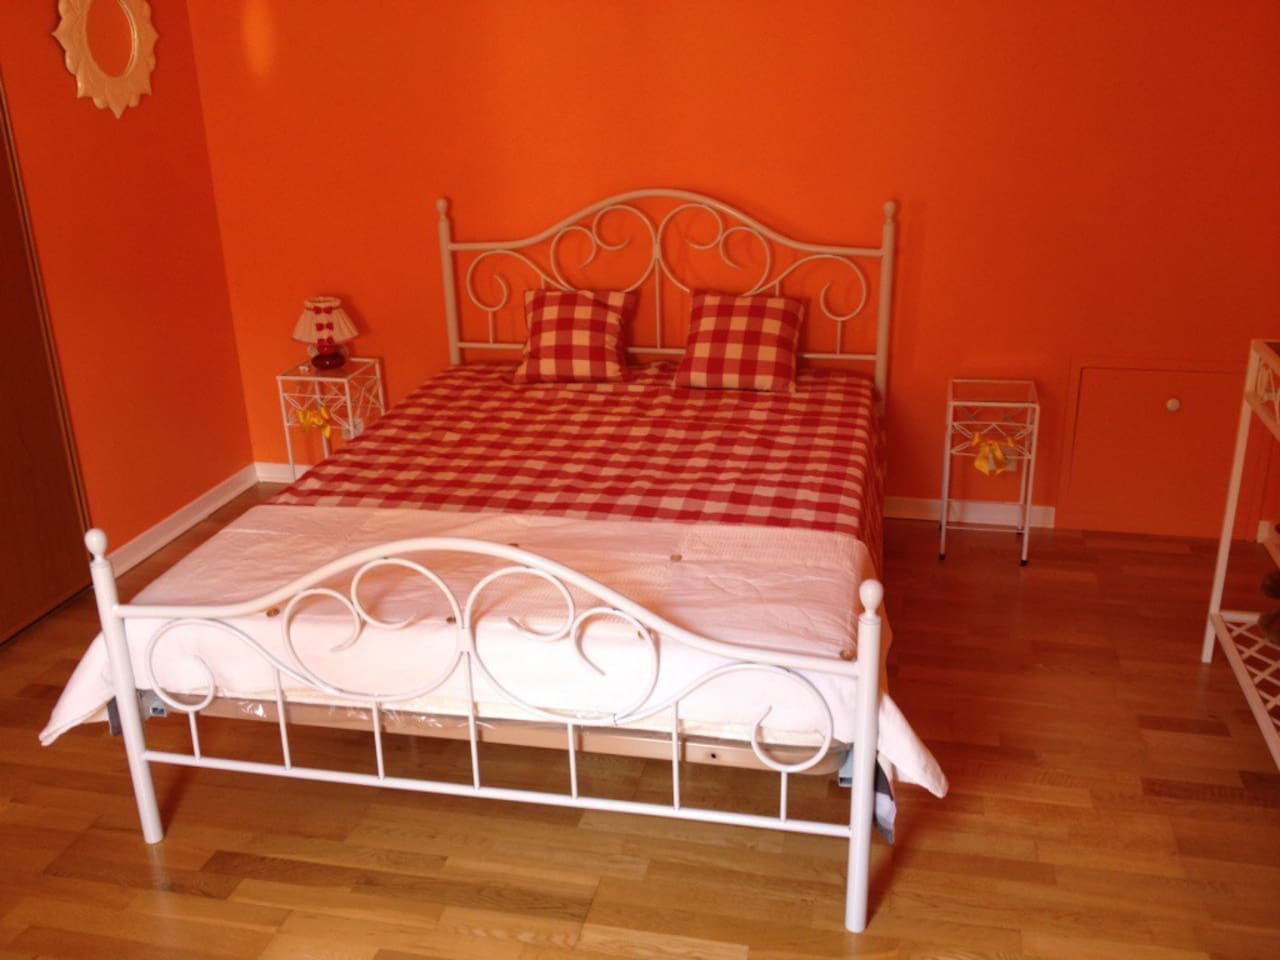 lit douillet dans une chambre agréable